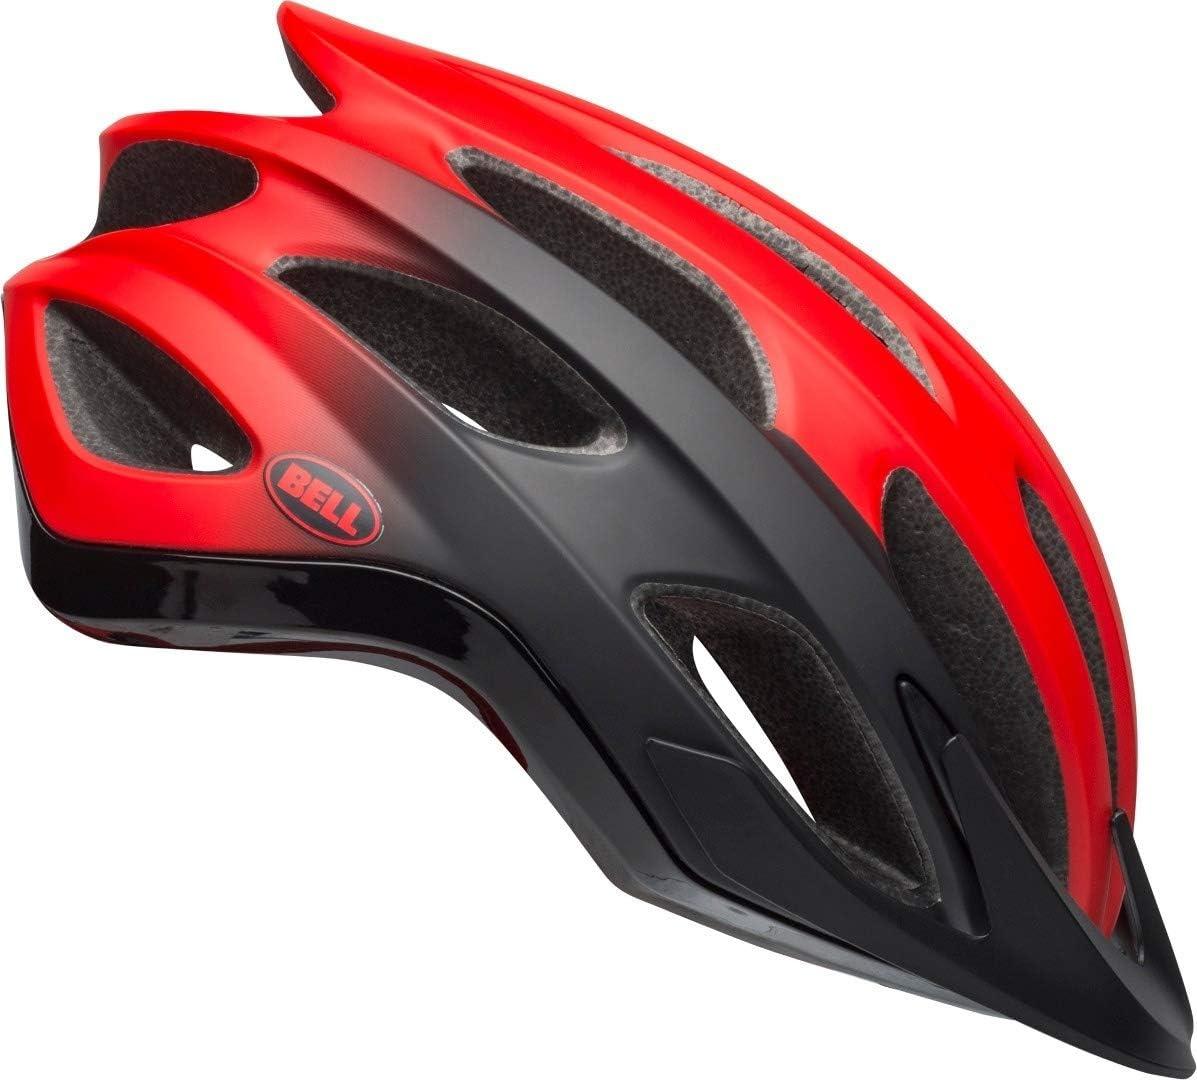 Bell Unisex - Adultos Drifter MIPS Casco de Bicicleta Thunder MT ...